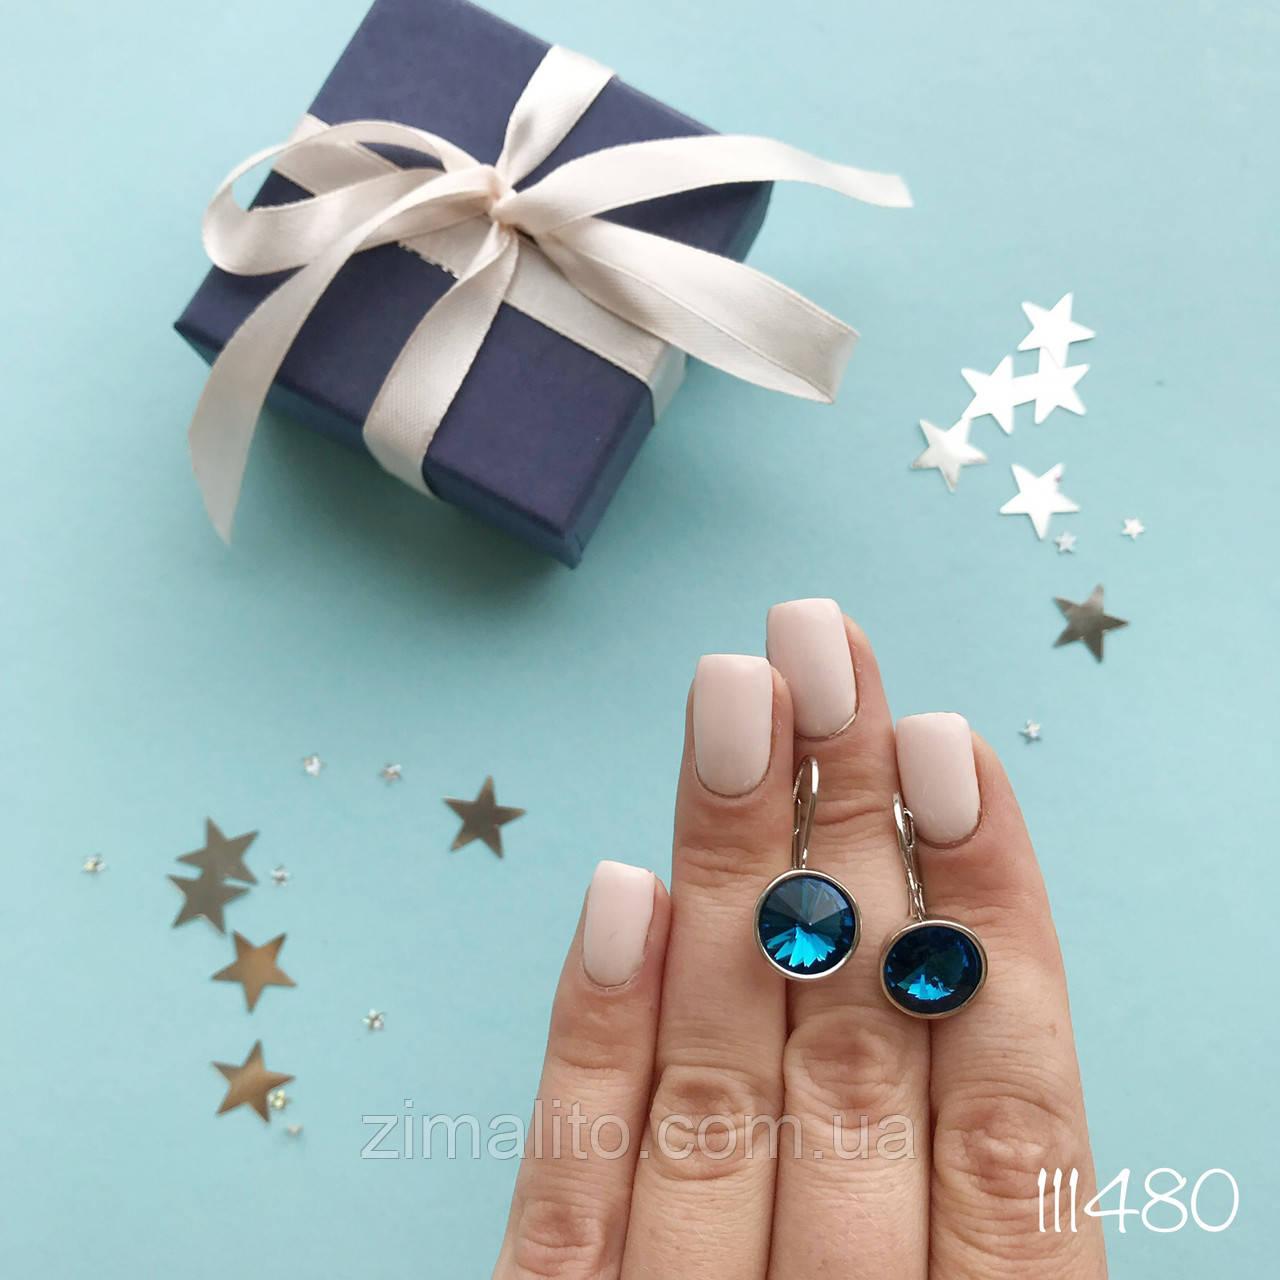 Серьги серебряные EMMA с камнем голубым